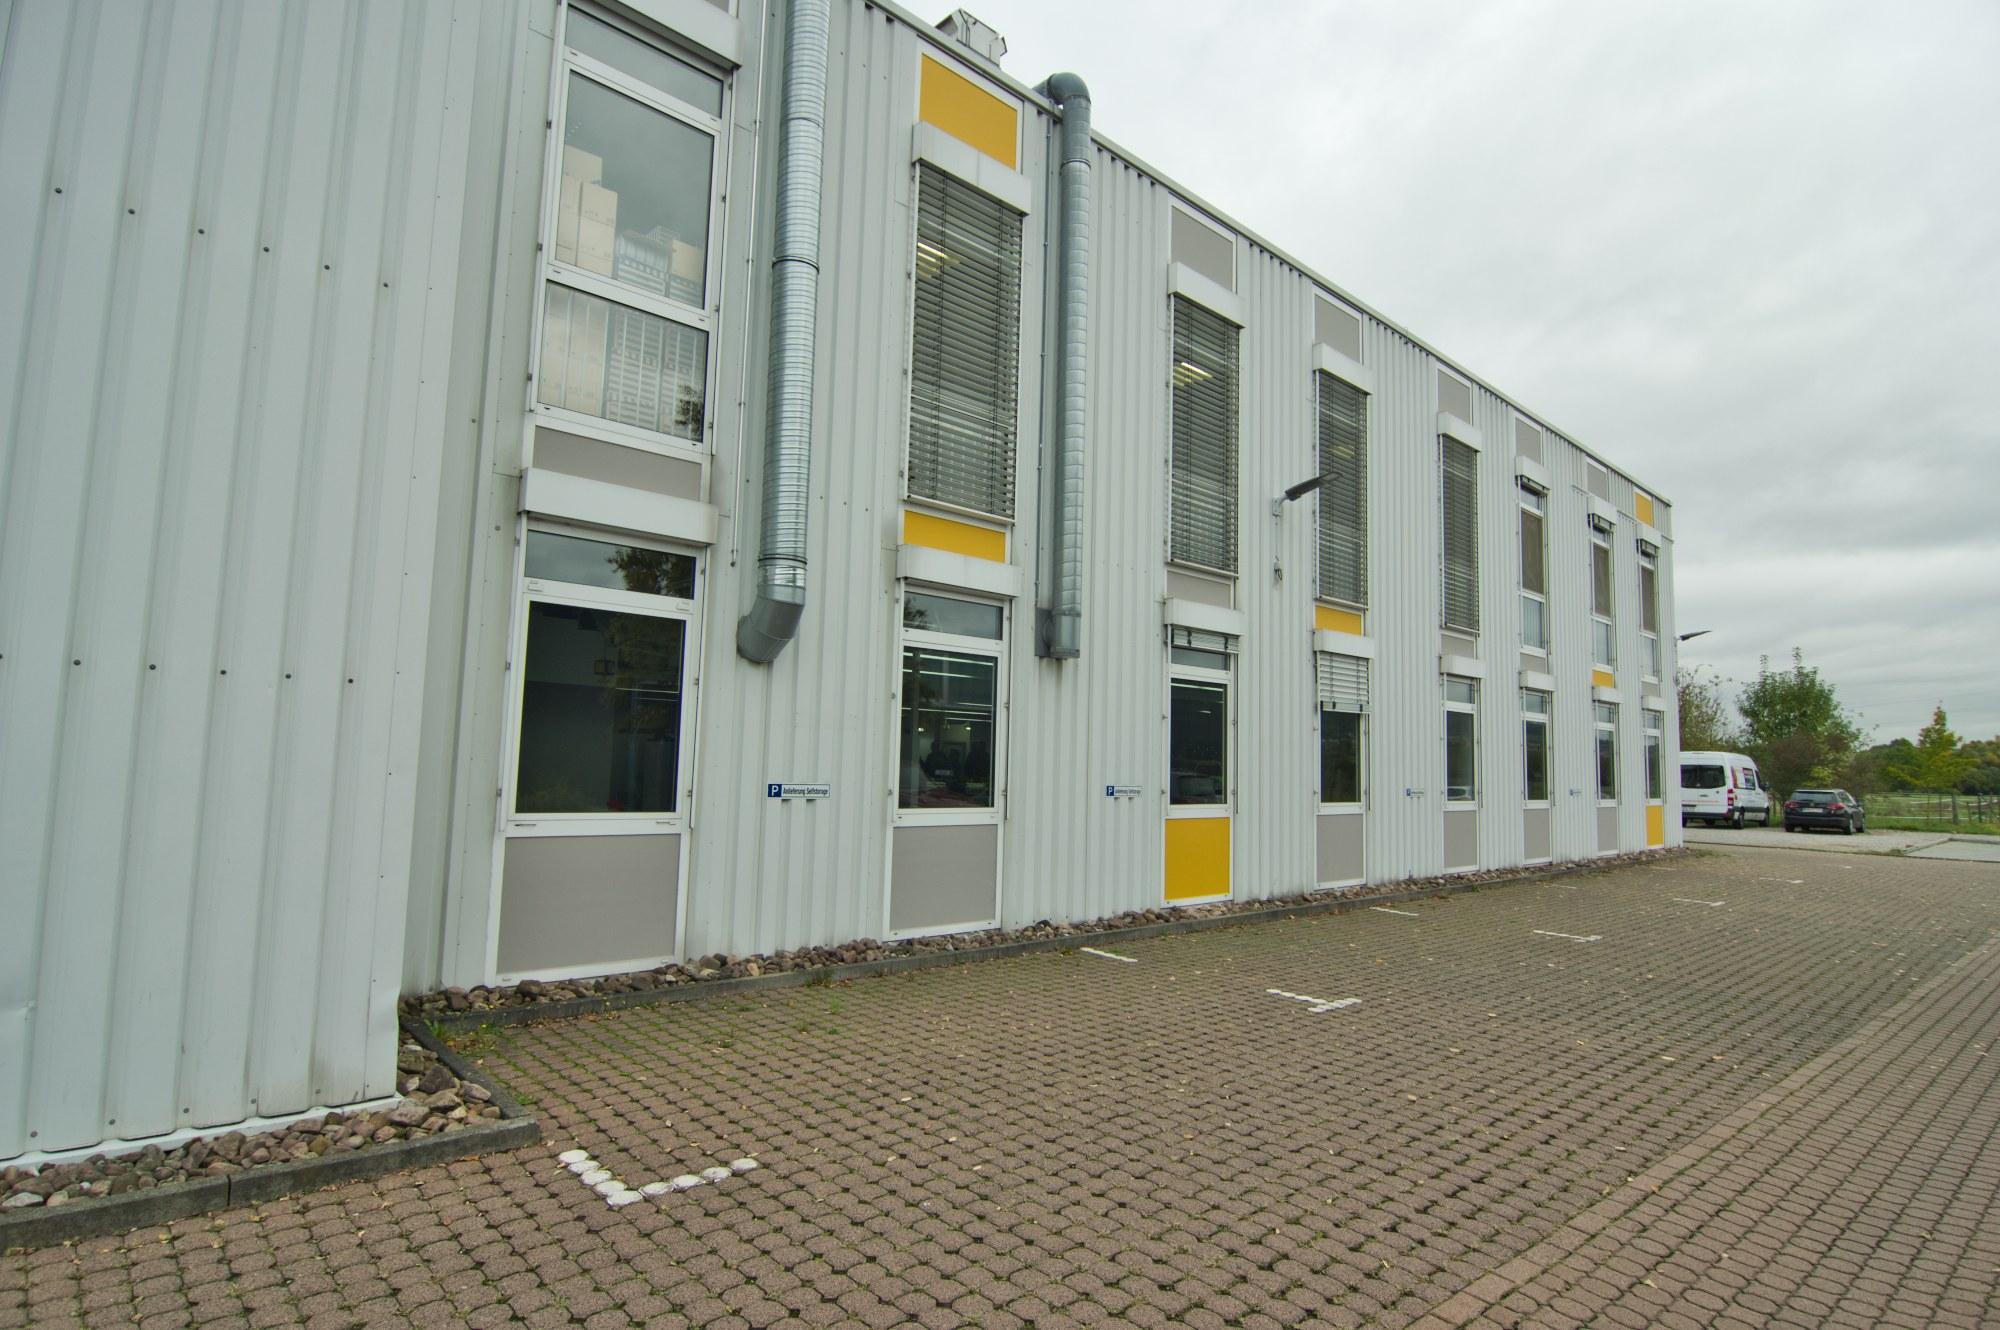 Neuer Produktionsstandort Lohnlöten Armin Hain GmbH